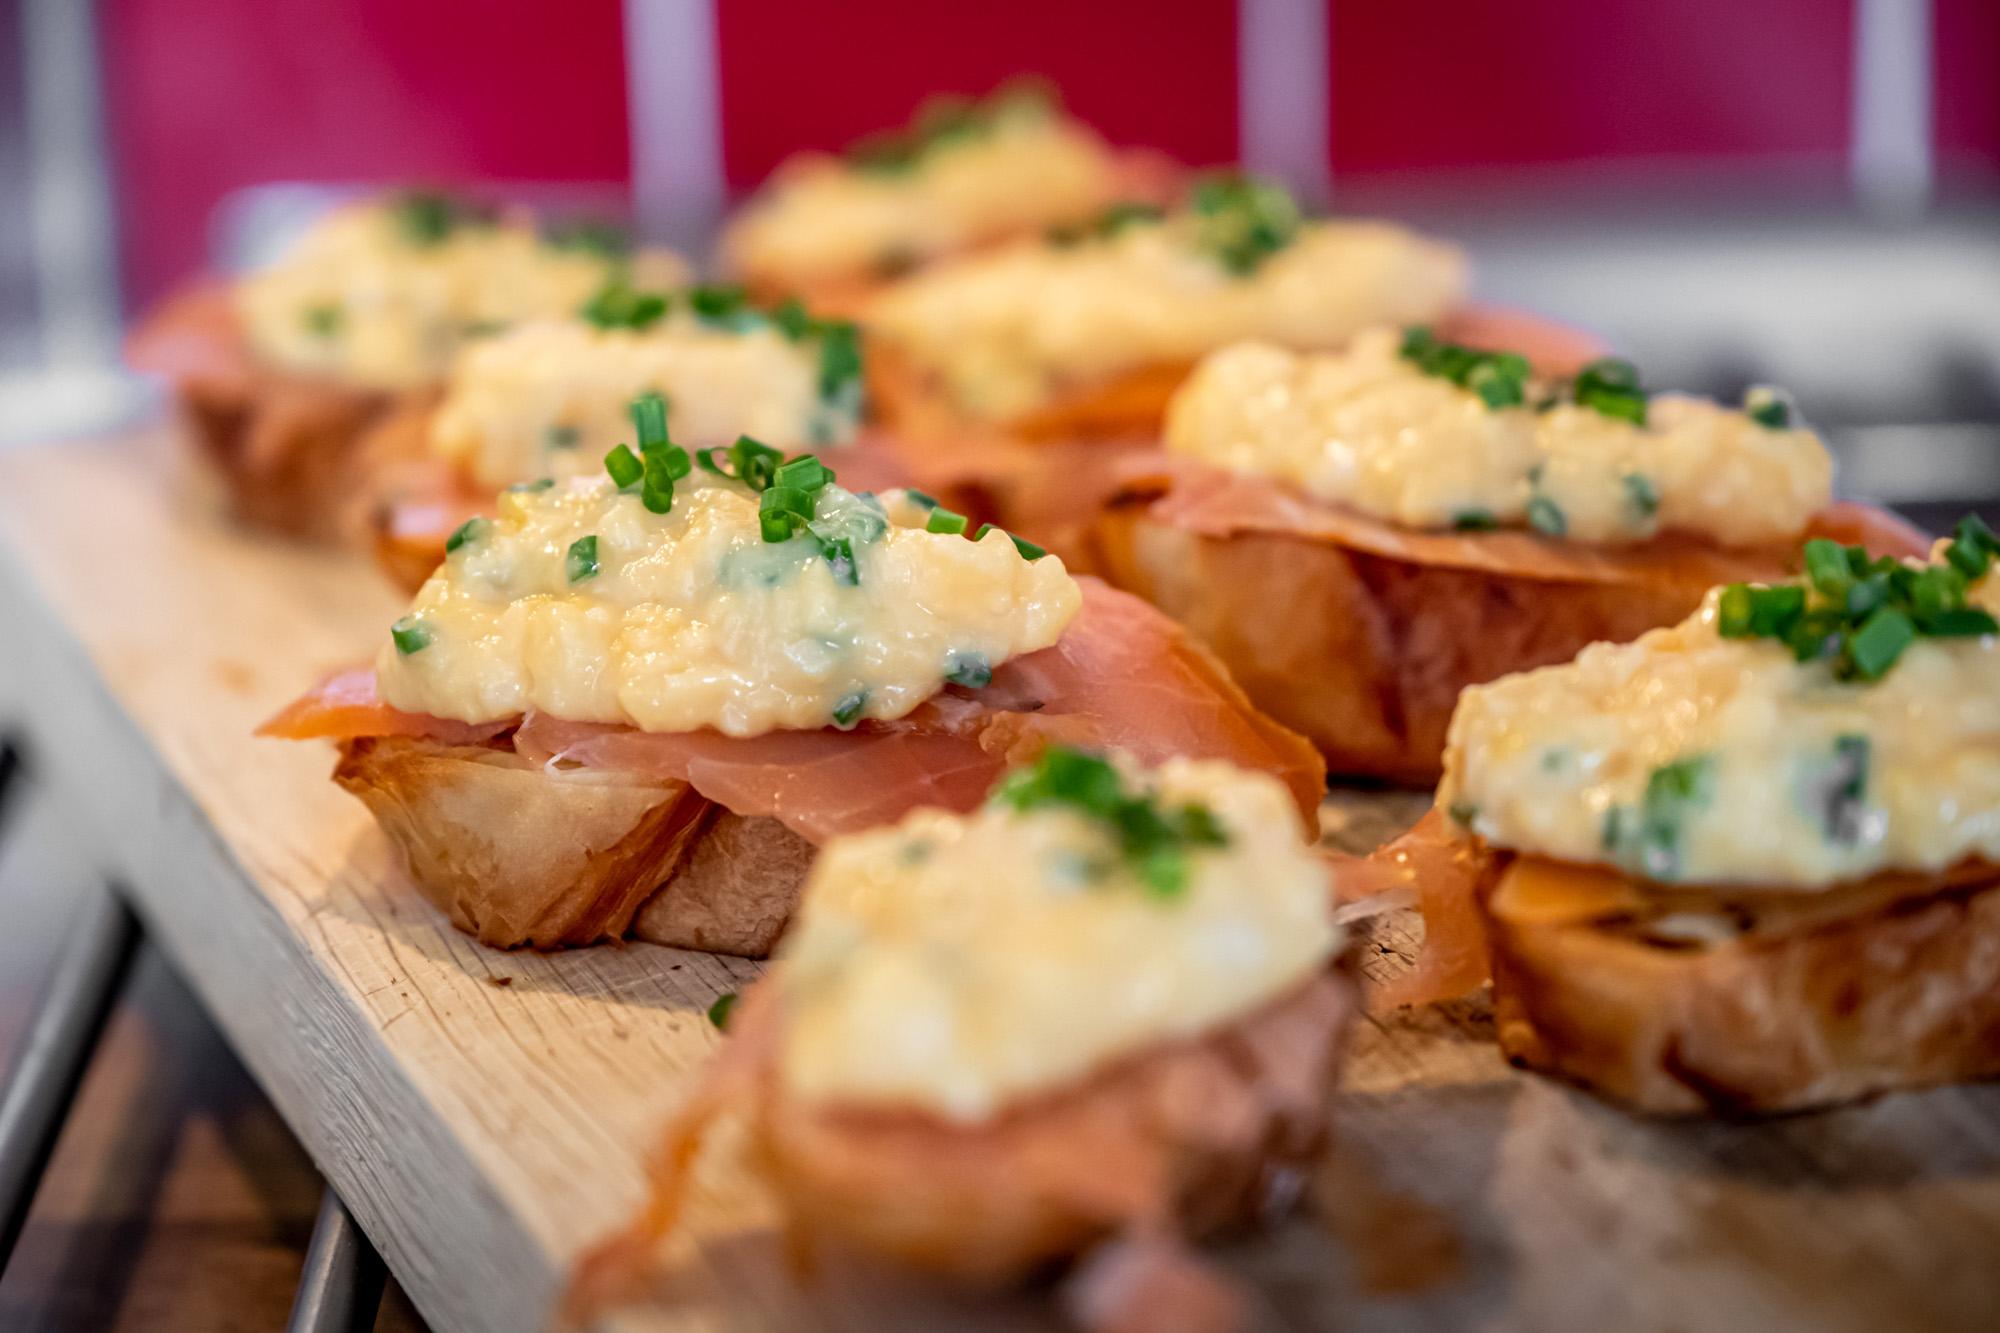 Uzený losos s vejci a croissantem